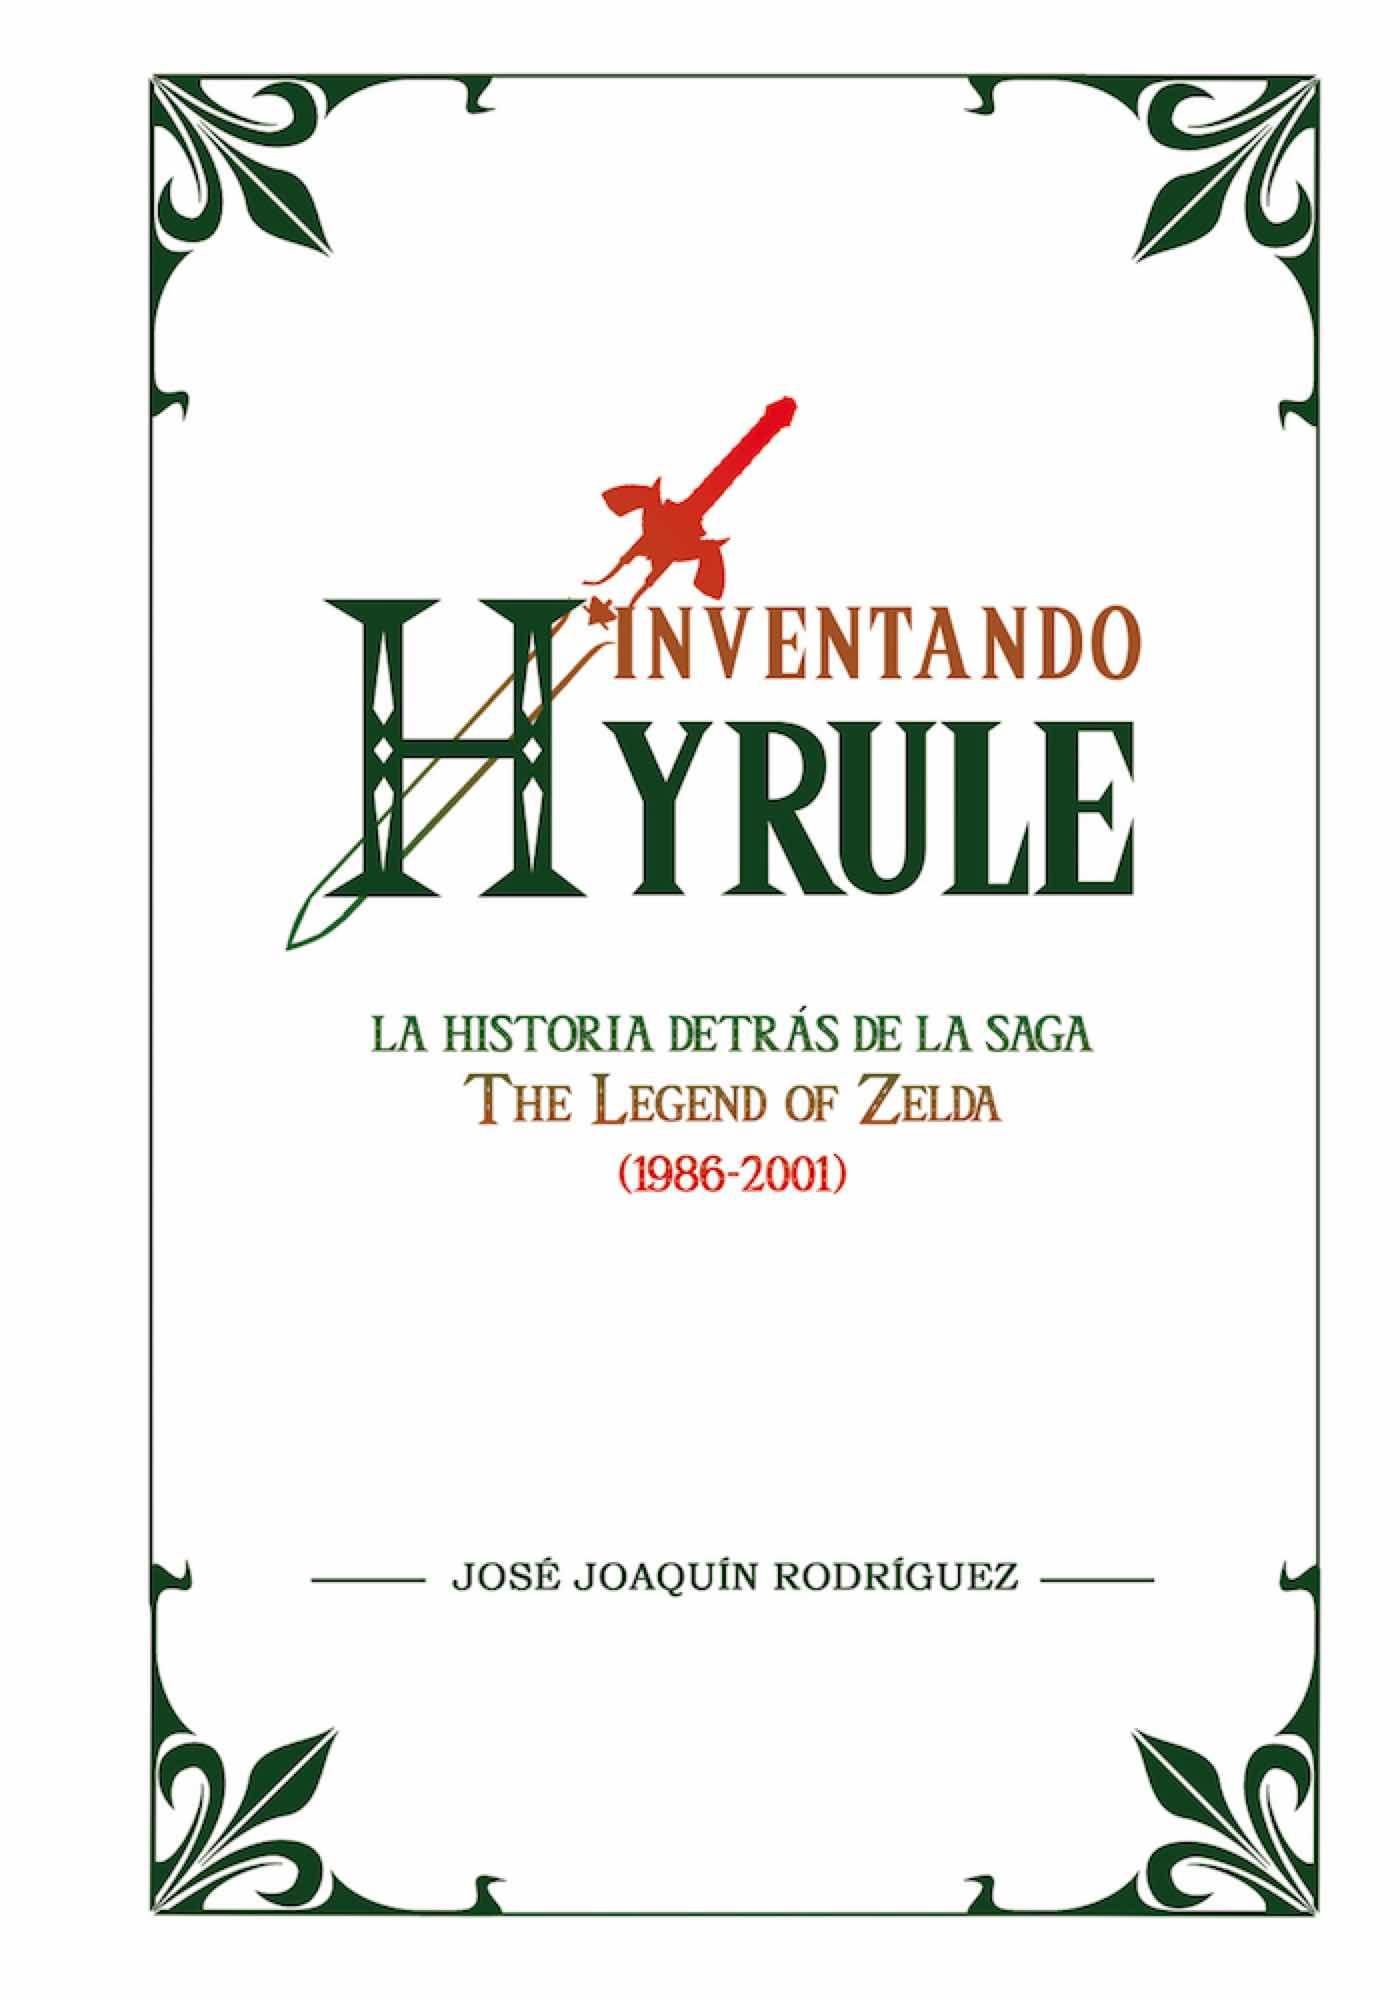 INVENTANDO HYRULE: LA HISTORIA DETRAS DE LA SAGA THE LEGEND OF ZELDA (1986-2001)